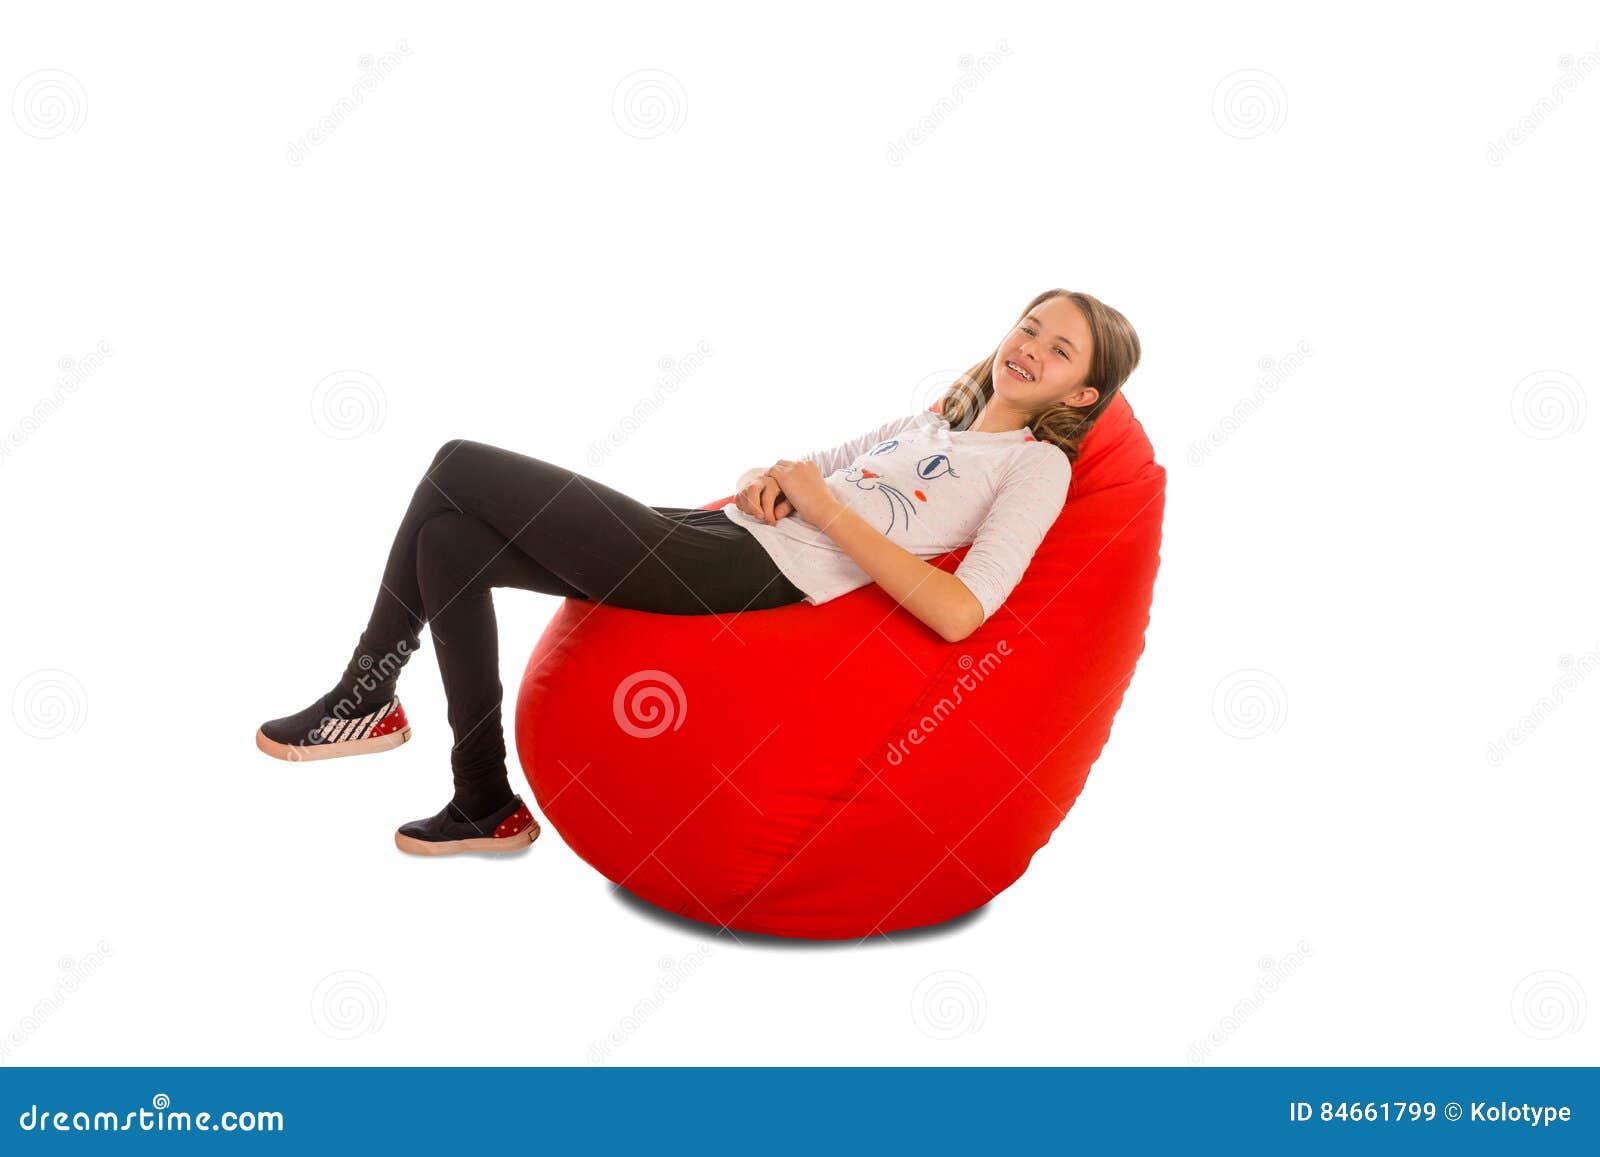 女孩坐红色装豆子小布袋椅子